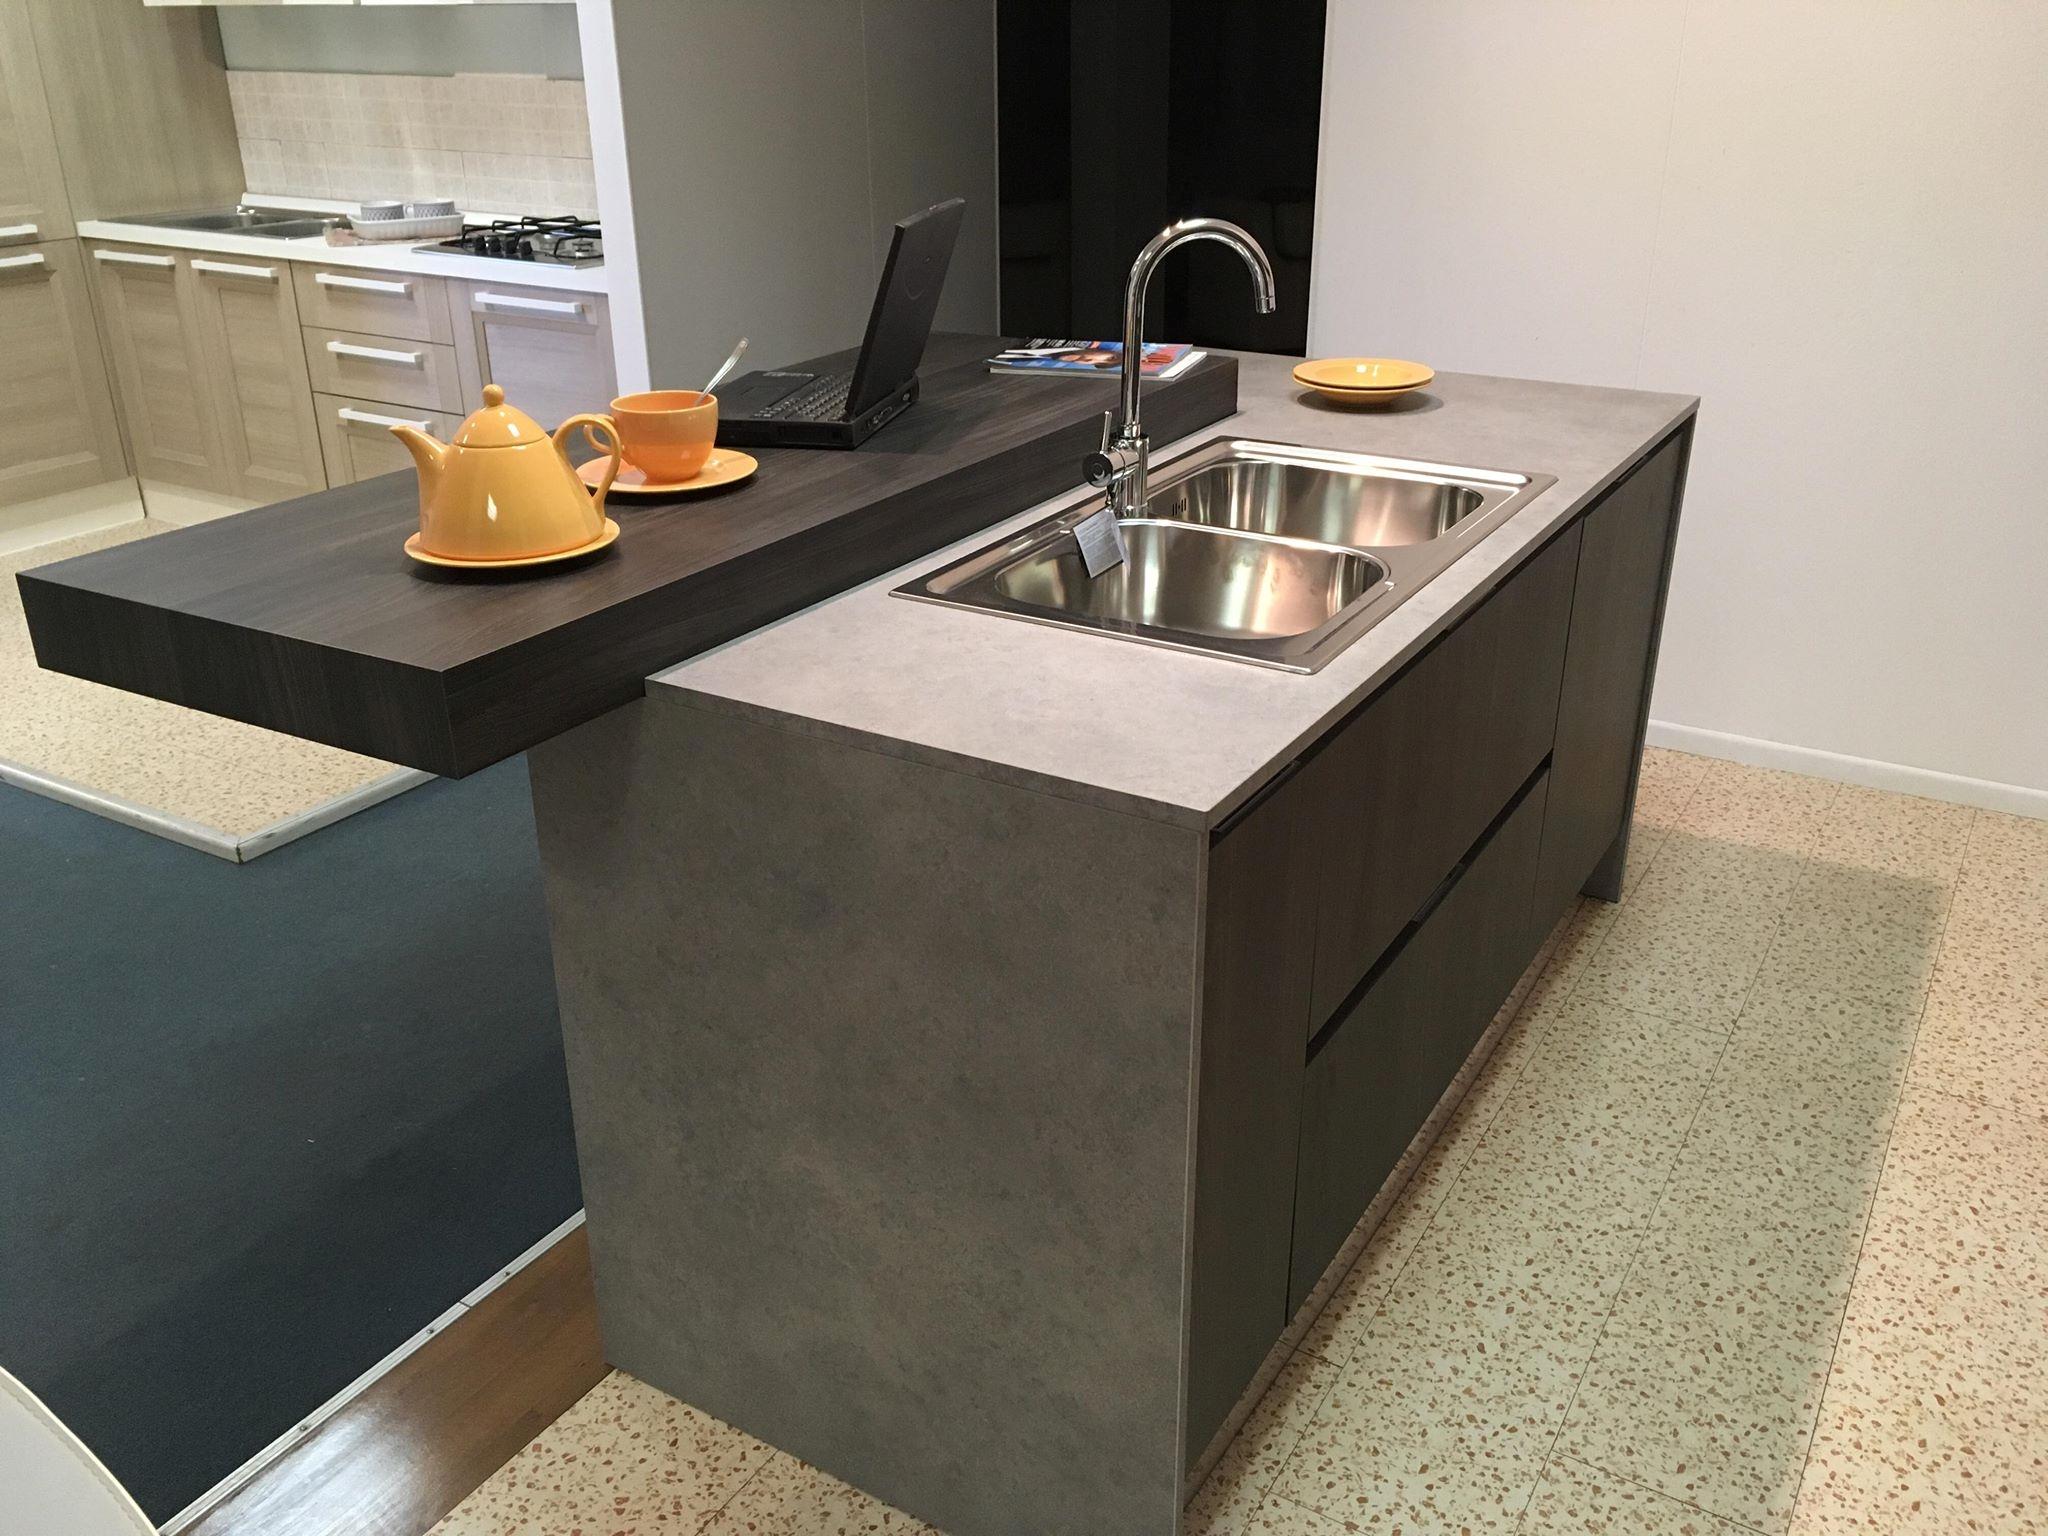 Offerta cucine store afro cucina con isola e banco colazione cucine store modello afro cucine - Banco colazione cucina ...